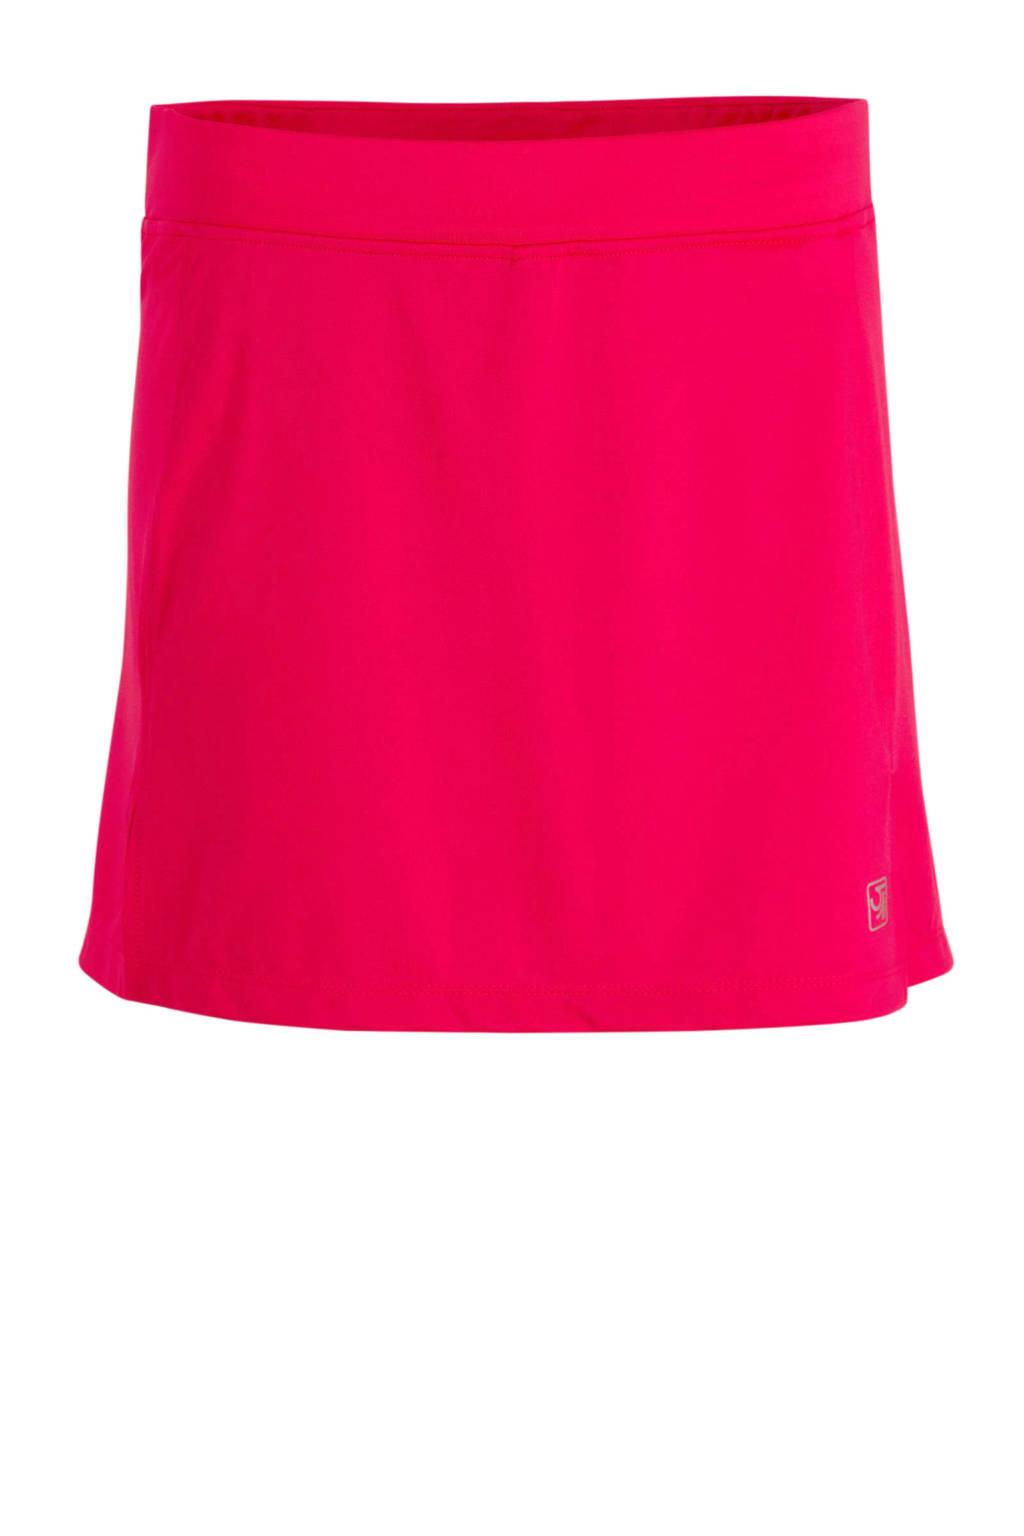 Sjeng Sports sportrokje Winner Curl roze, Roze